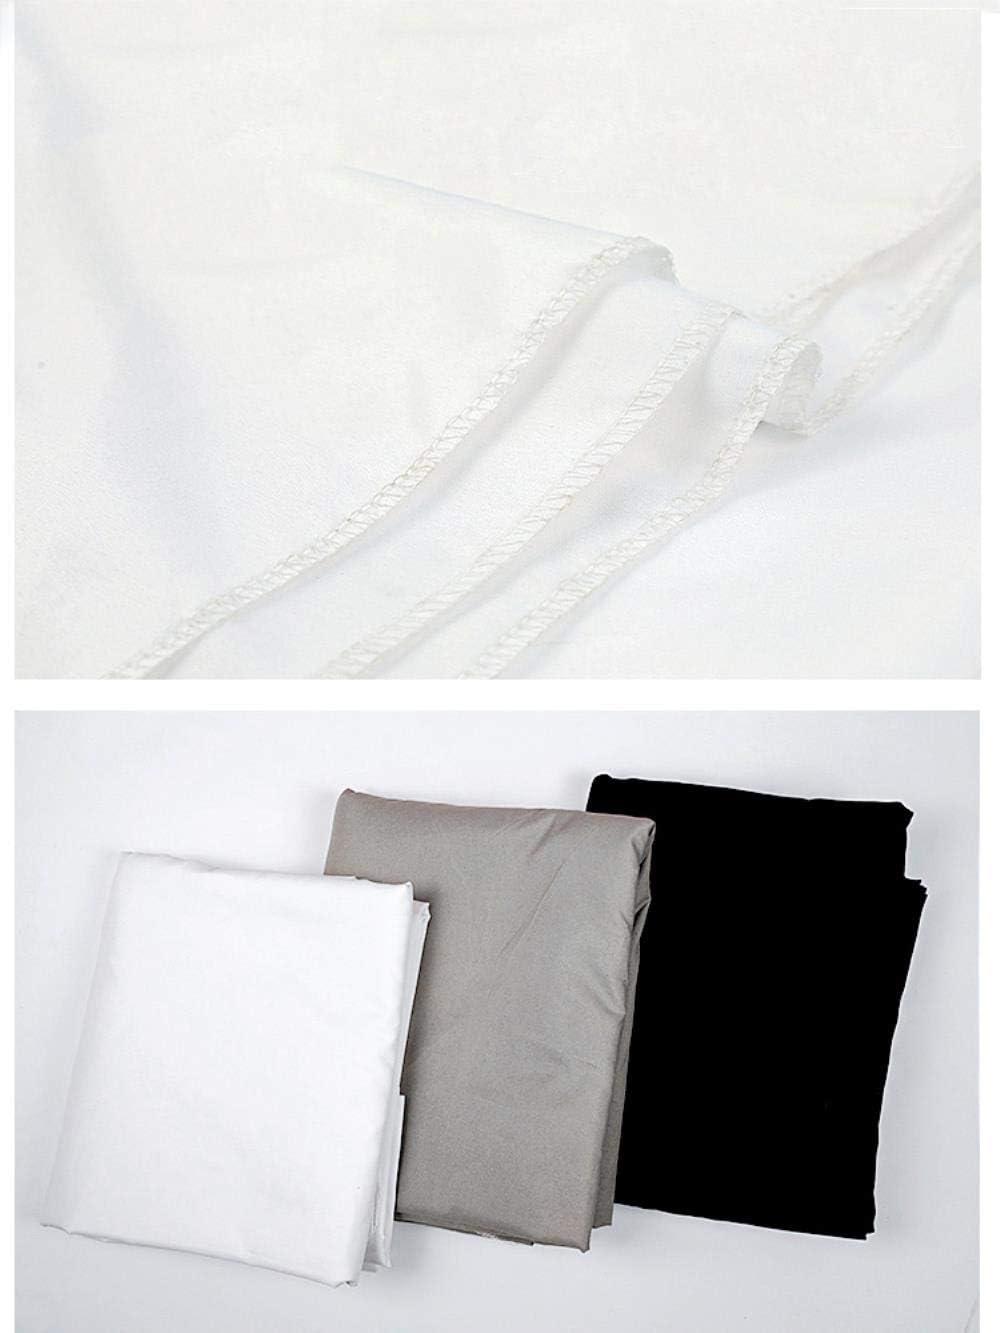 Toile de fond de No/ël in Photographie Toile de fond Fotografia Blanc Gris Noir Tir de fond Rideau pour studio photo fond 2.0x2.4m Rouge